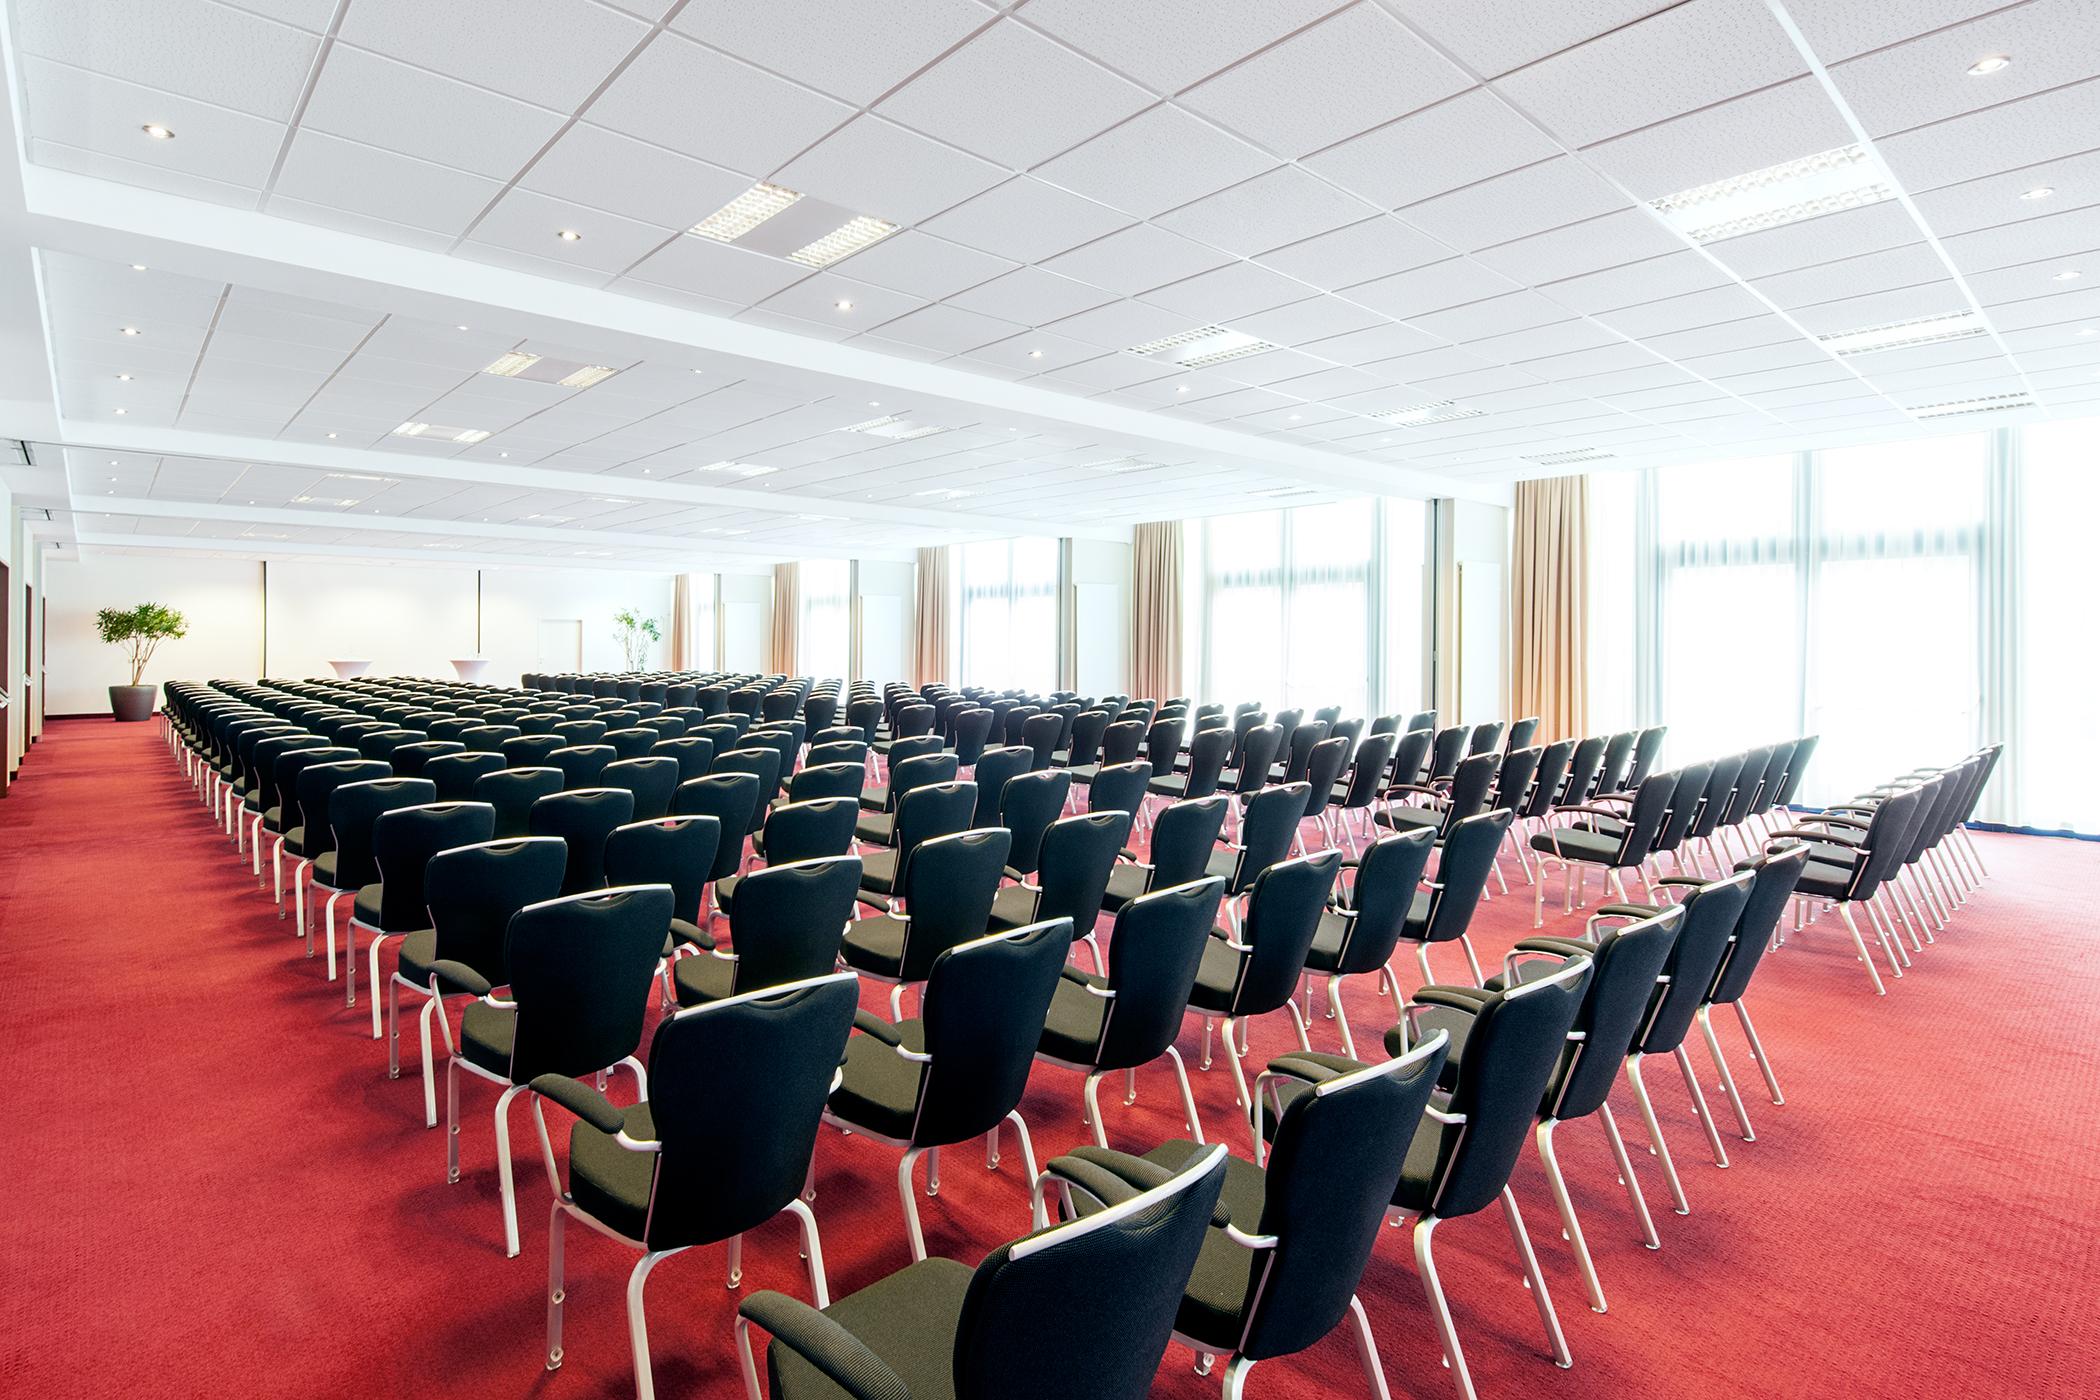 Seminarhotel Wien Flughafen 21 Seminarräume